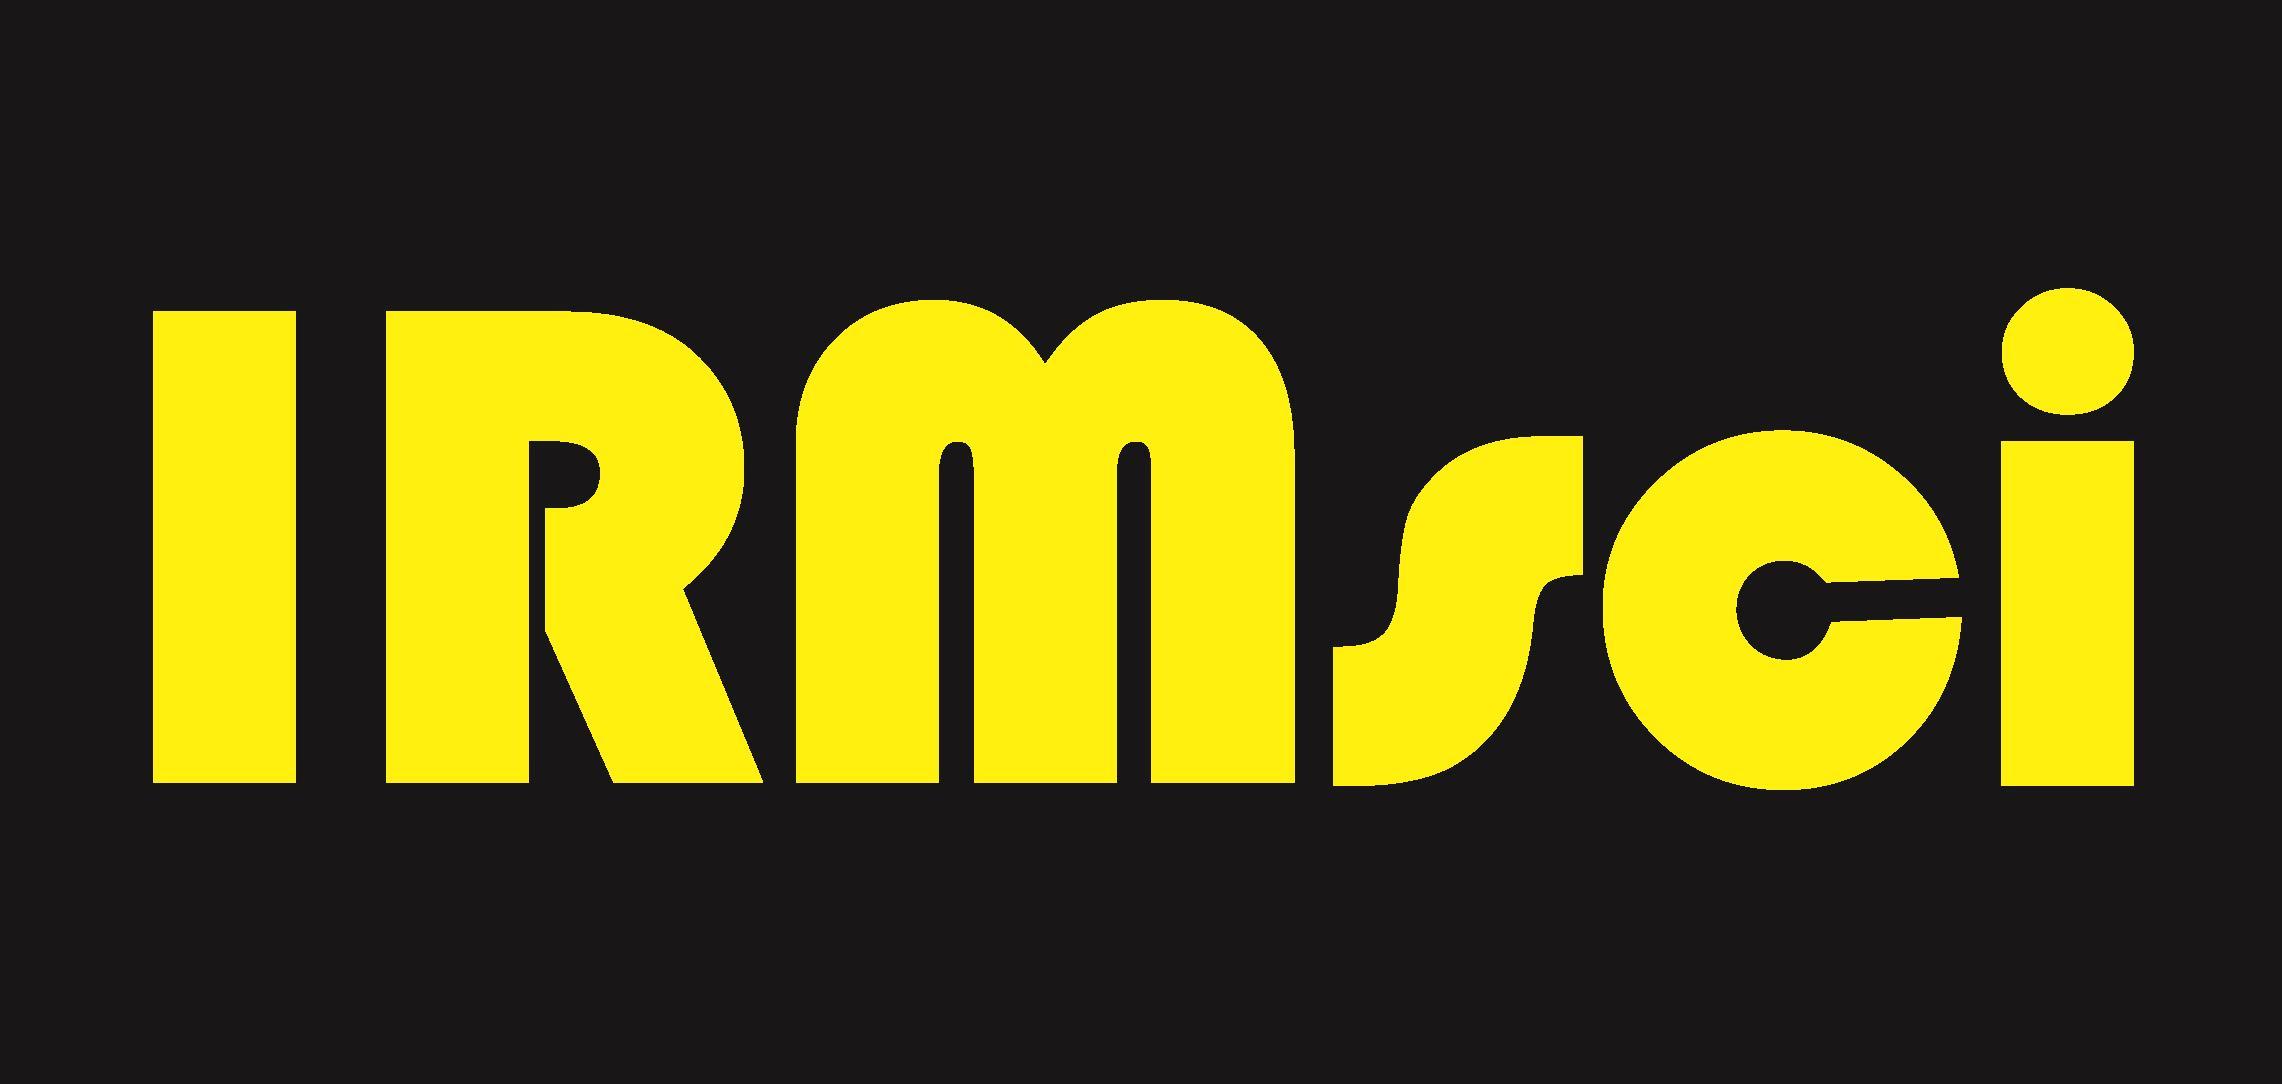 德国爱安姆科技有限公司 IRM Technology GmbH